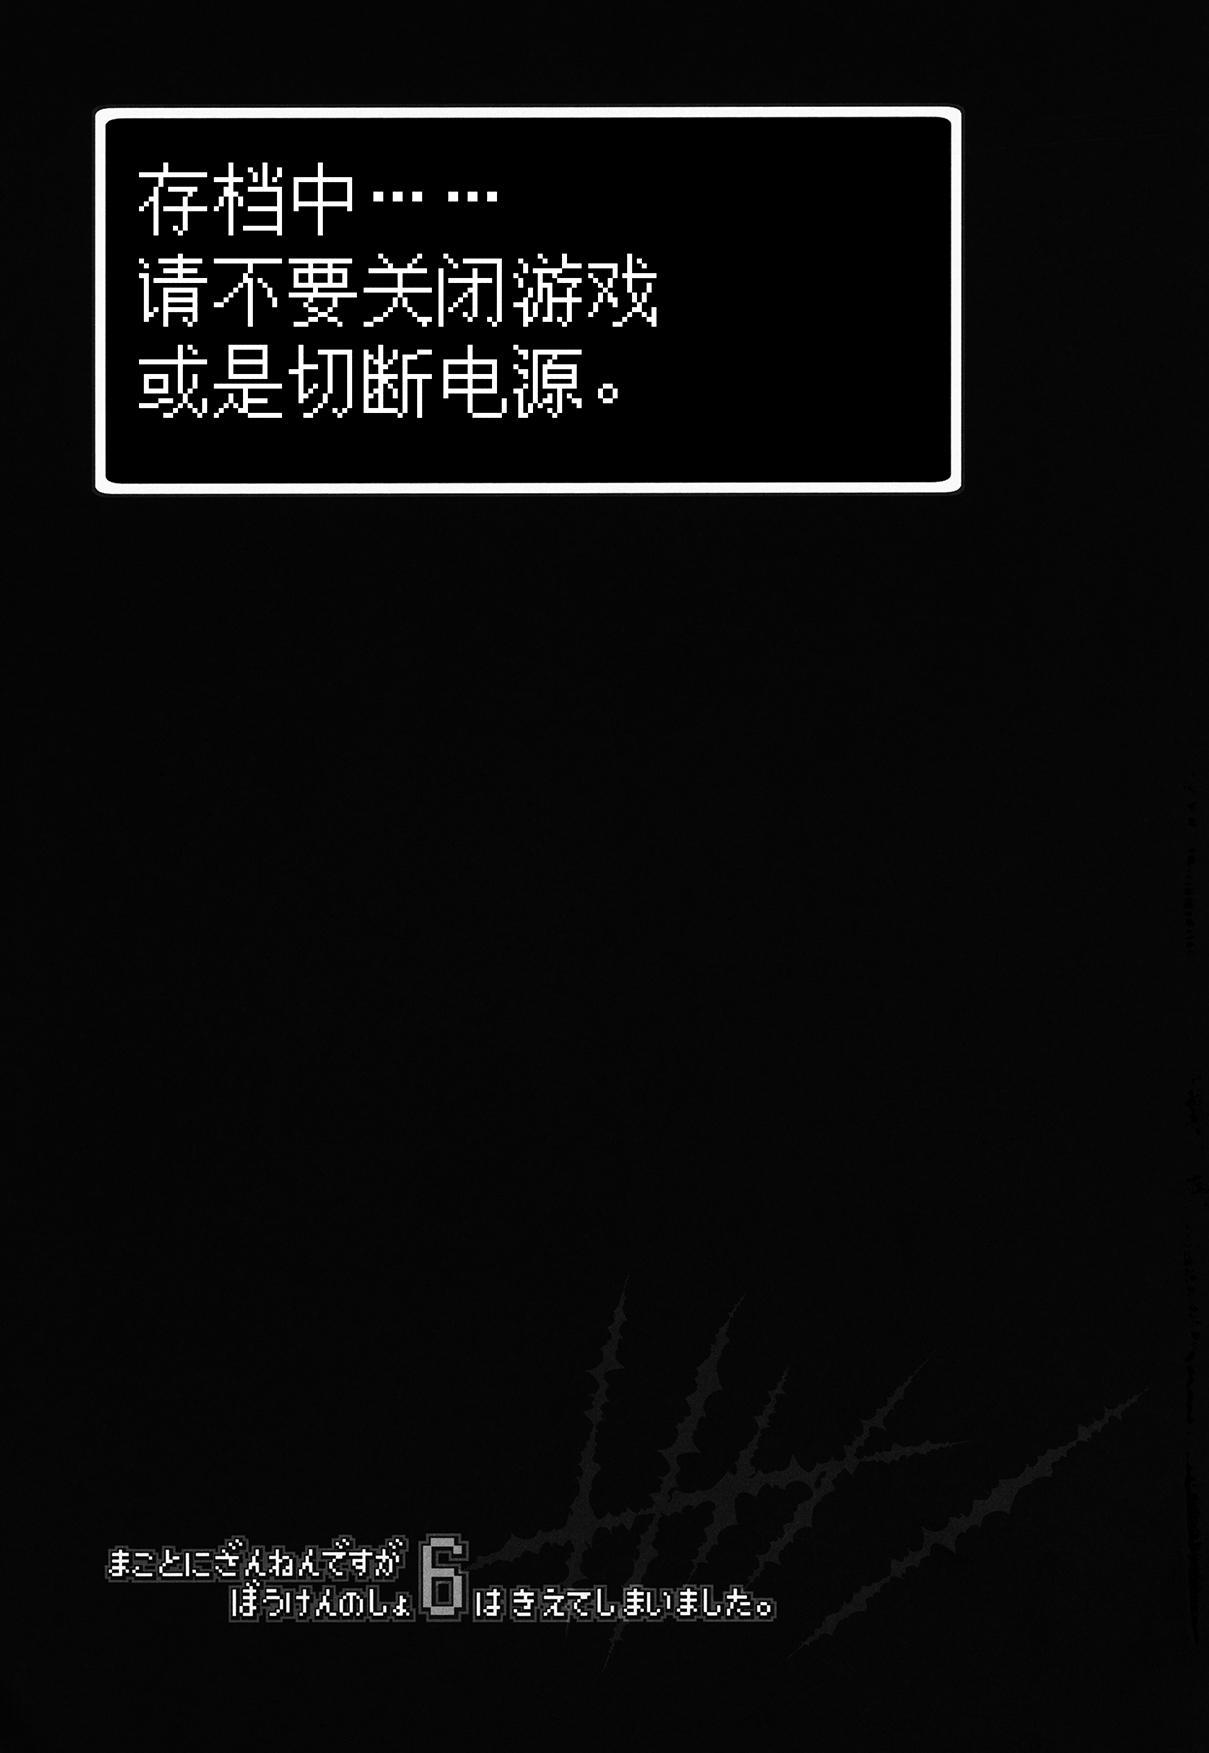 Makotoni Zannen desu ga Bouken no Sho 6 wa Kiete Shimaimashita. 30